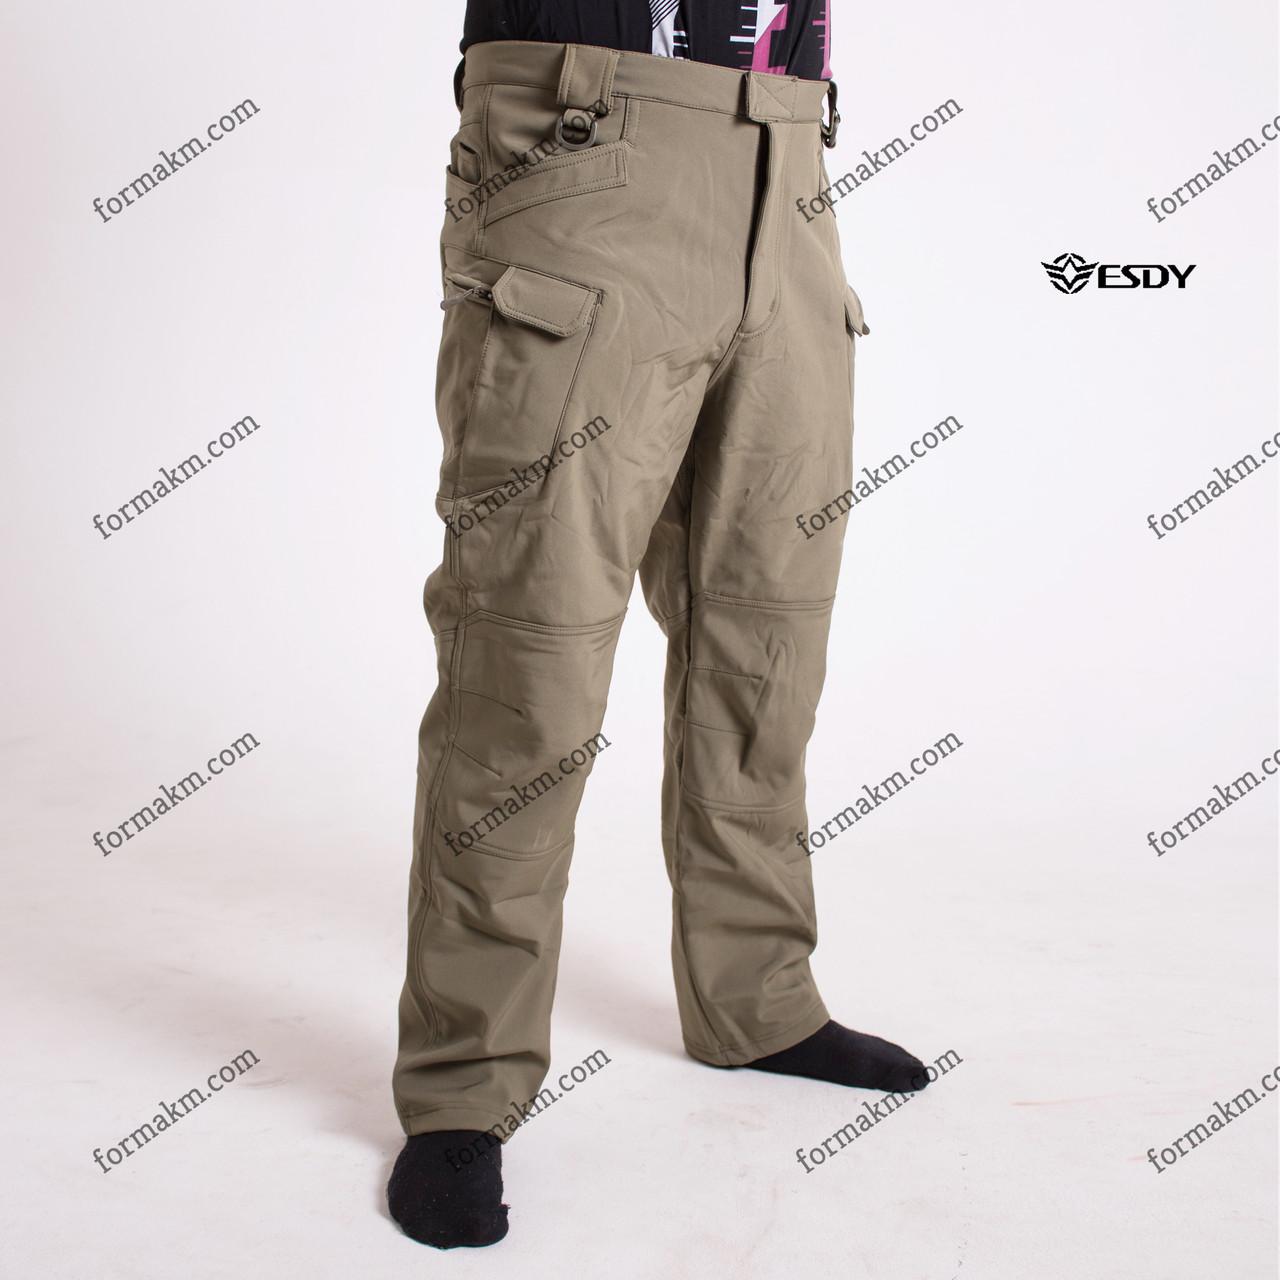 Тактические штаны Softshell Esdy Pro Olive